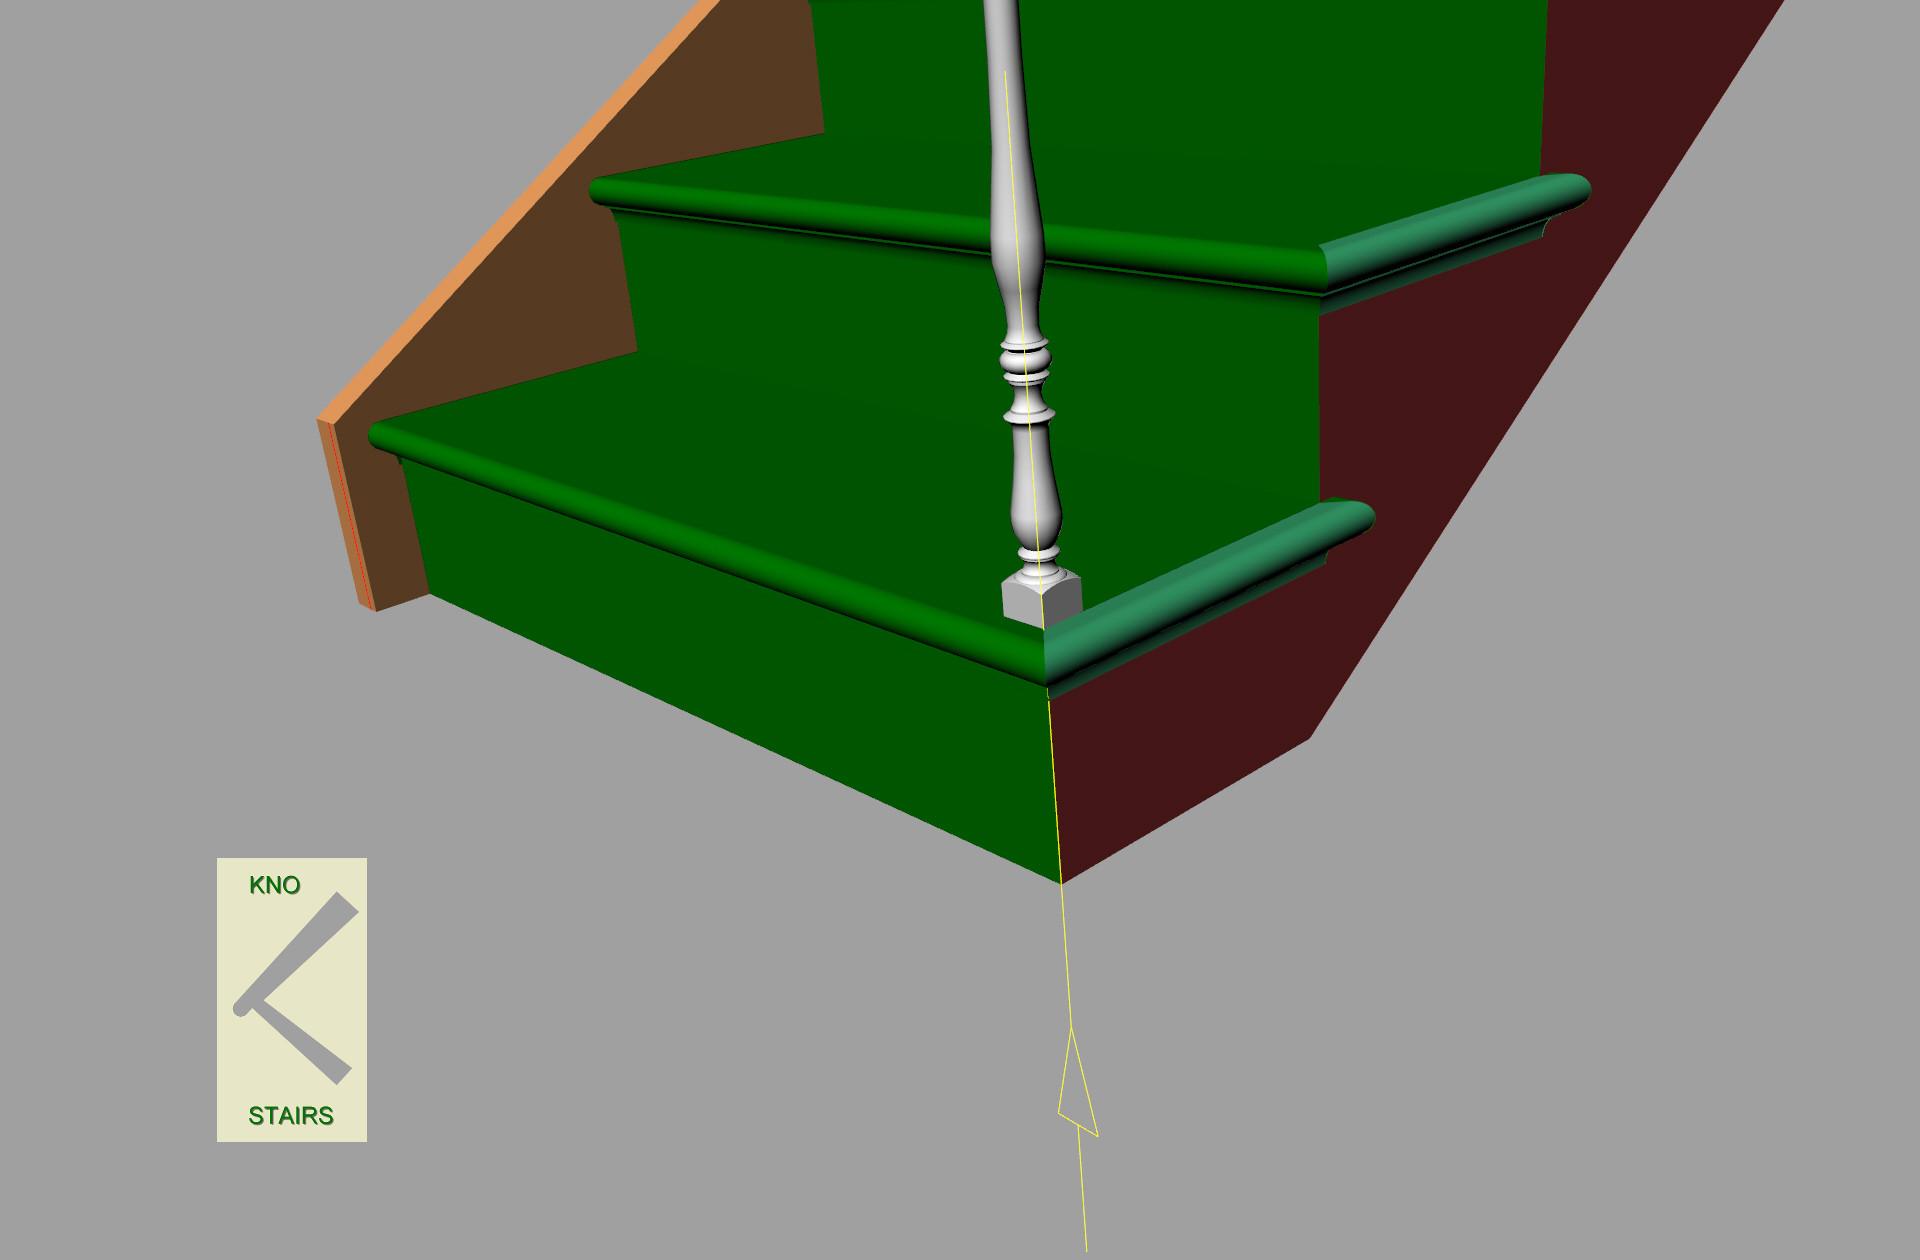 Cut string, spindle front corner align.